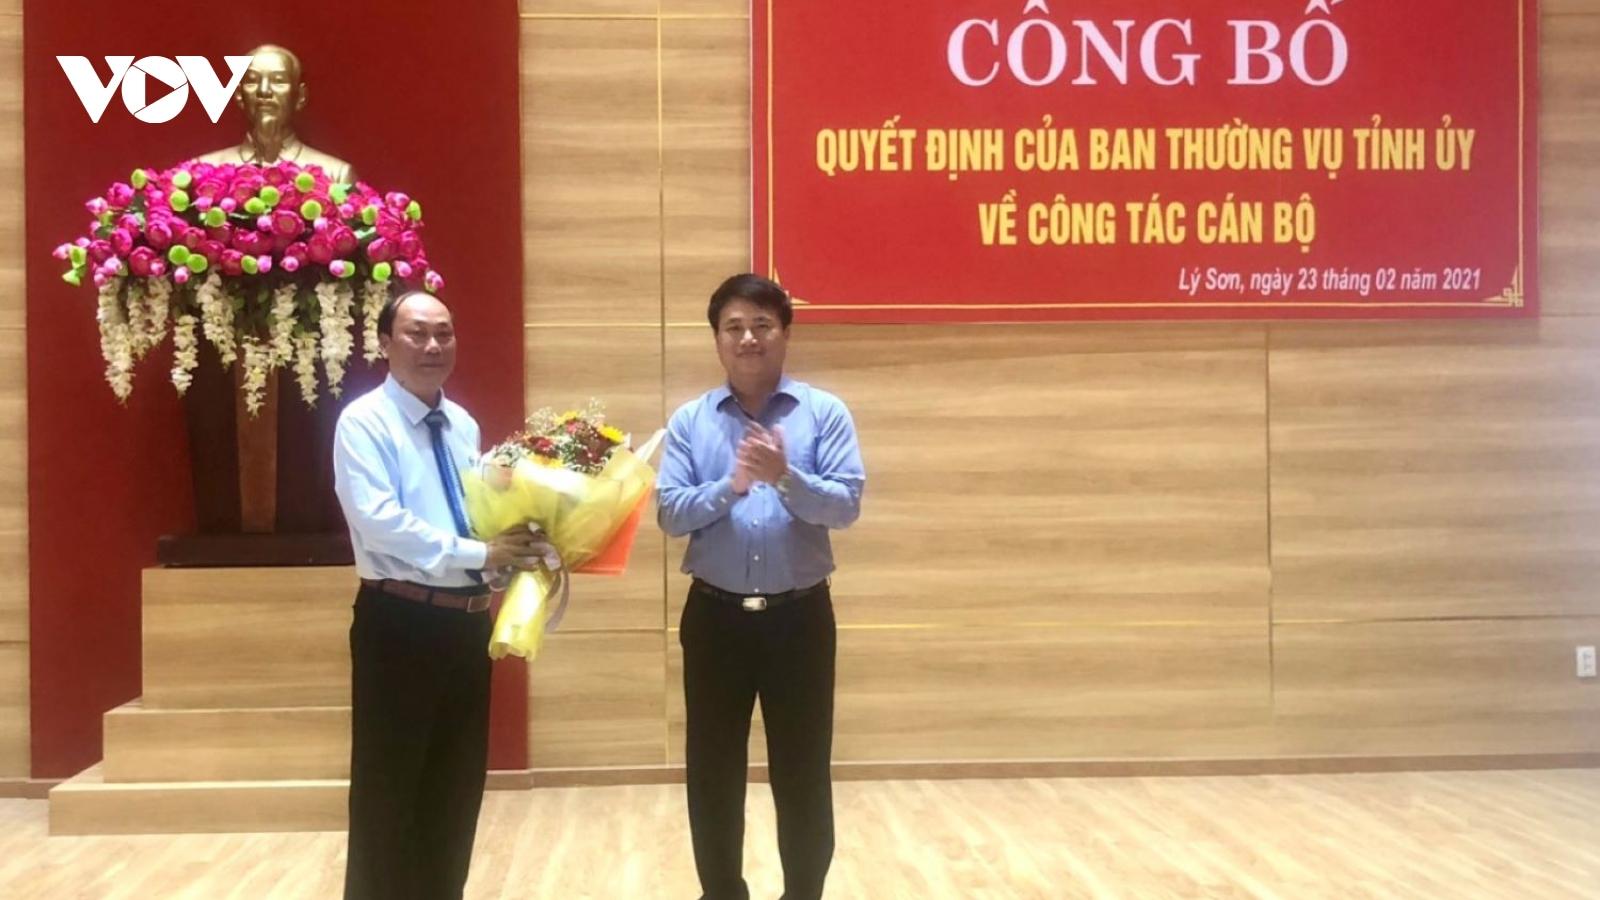 Ông Nguyễn Quốc Việt giữ chức Bí thư Huyện ủy Lý Sơn